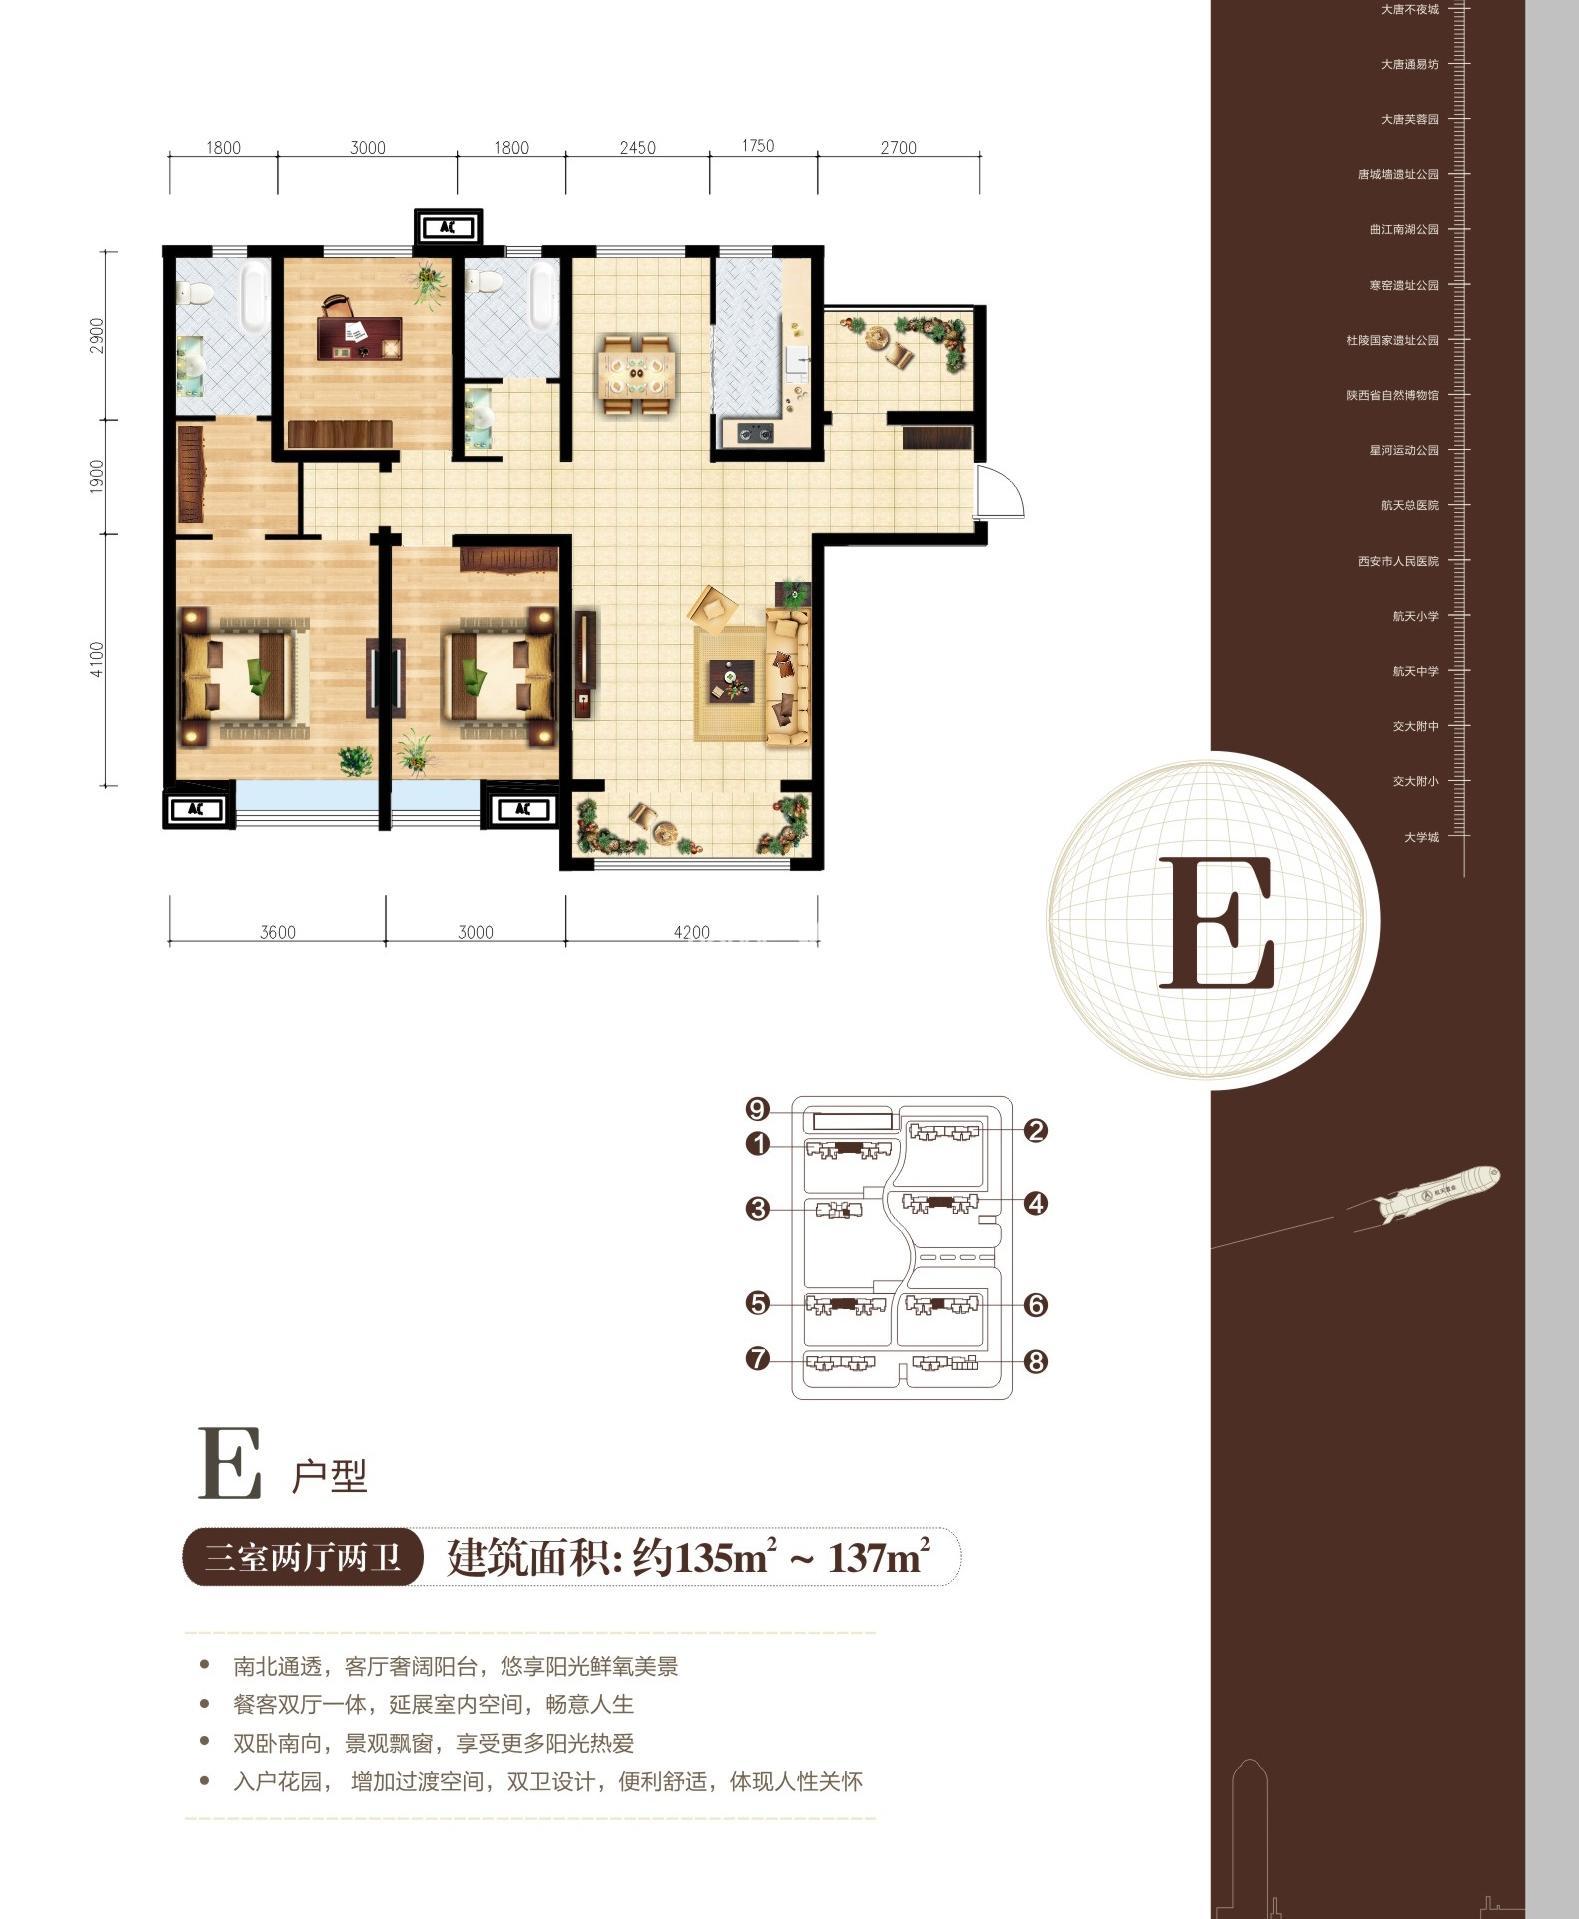 西安航天城二期E户型三室两厅两卫135-137㎡